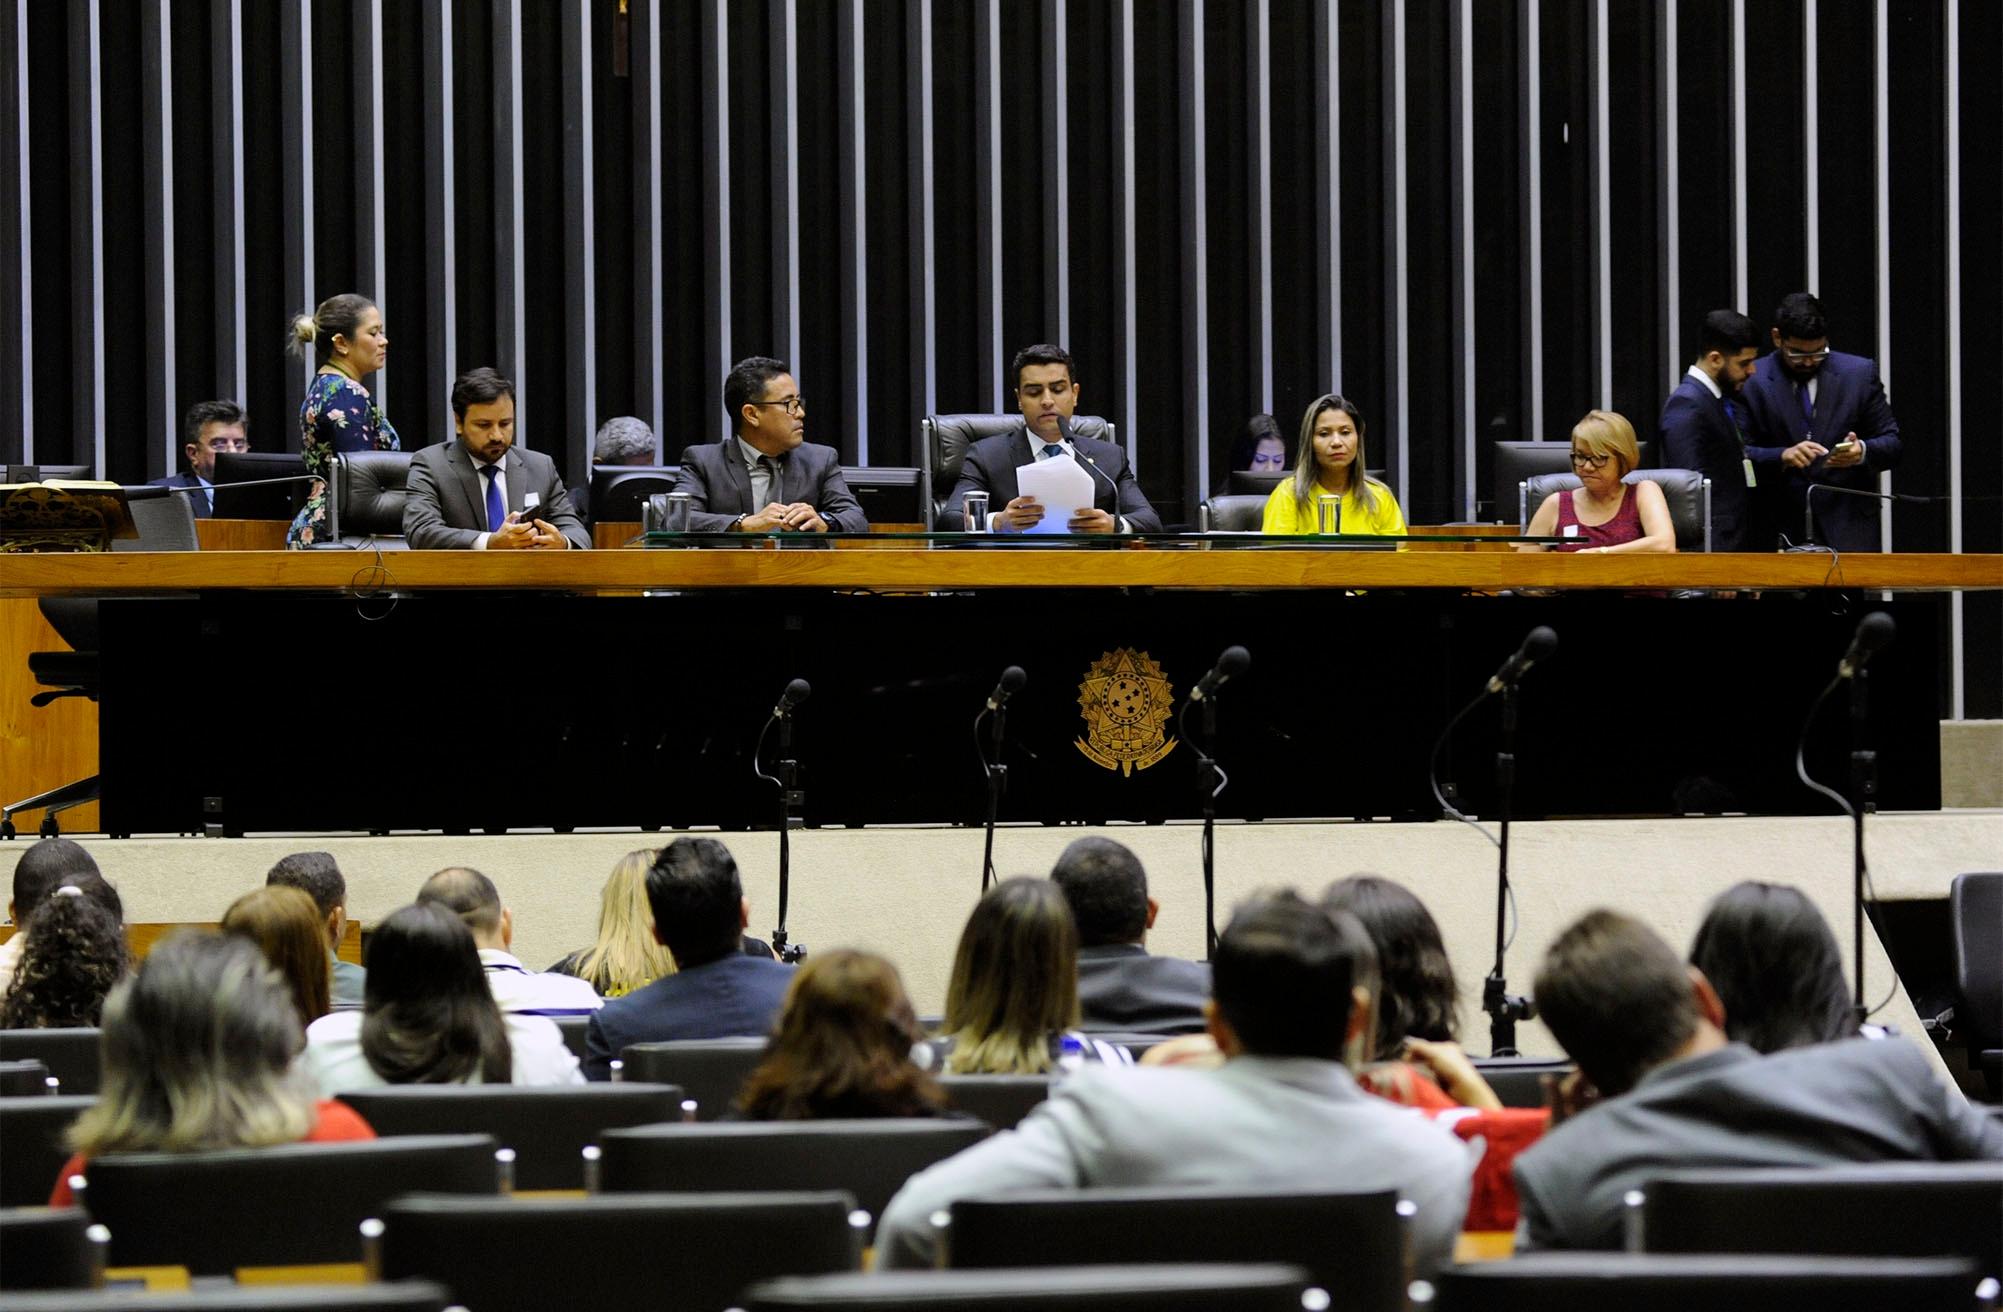 Comissão geral para debate sobre o procedimento de apuração, liberação e aplicação dos recursos referentes às parcelas calculadas de forma equivocada pelo Fundo de Manutenção e Desenvolvimento da Educação Básica e de Valorização dos Profissionais da Educação (FUNDEB-FUNDEF) nos municípios brasileiros